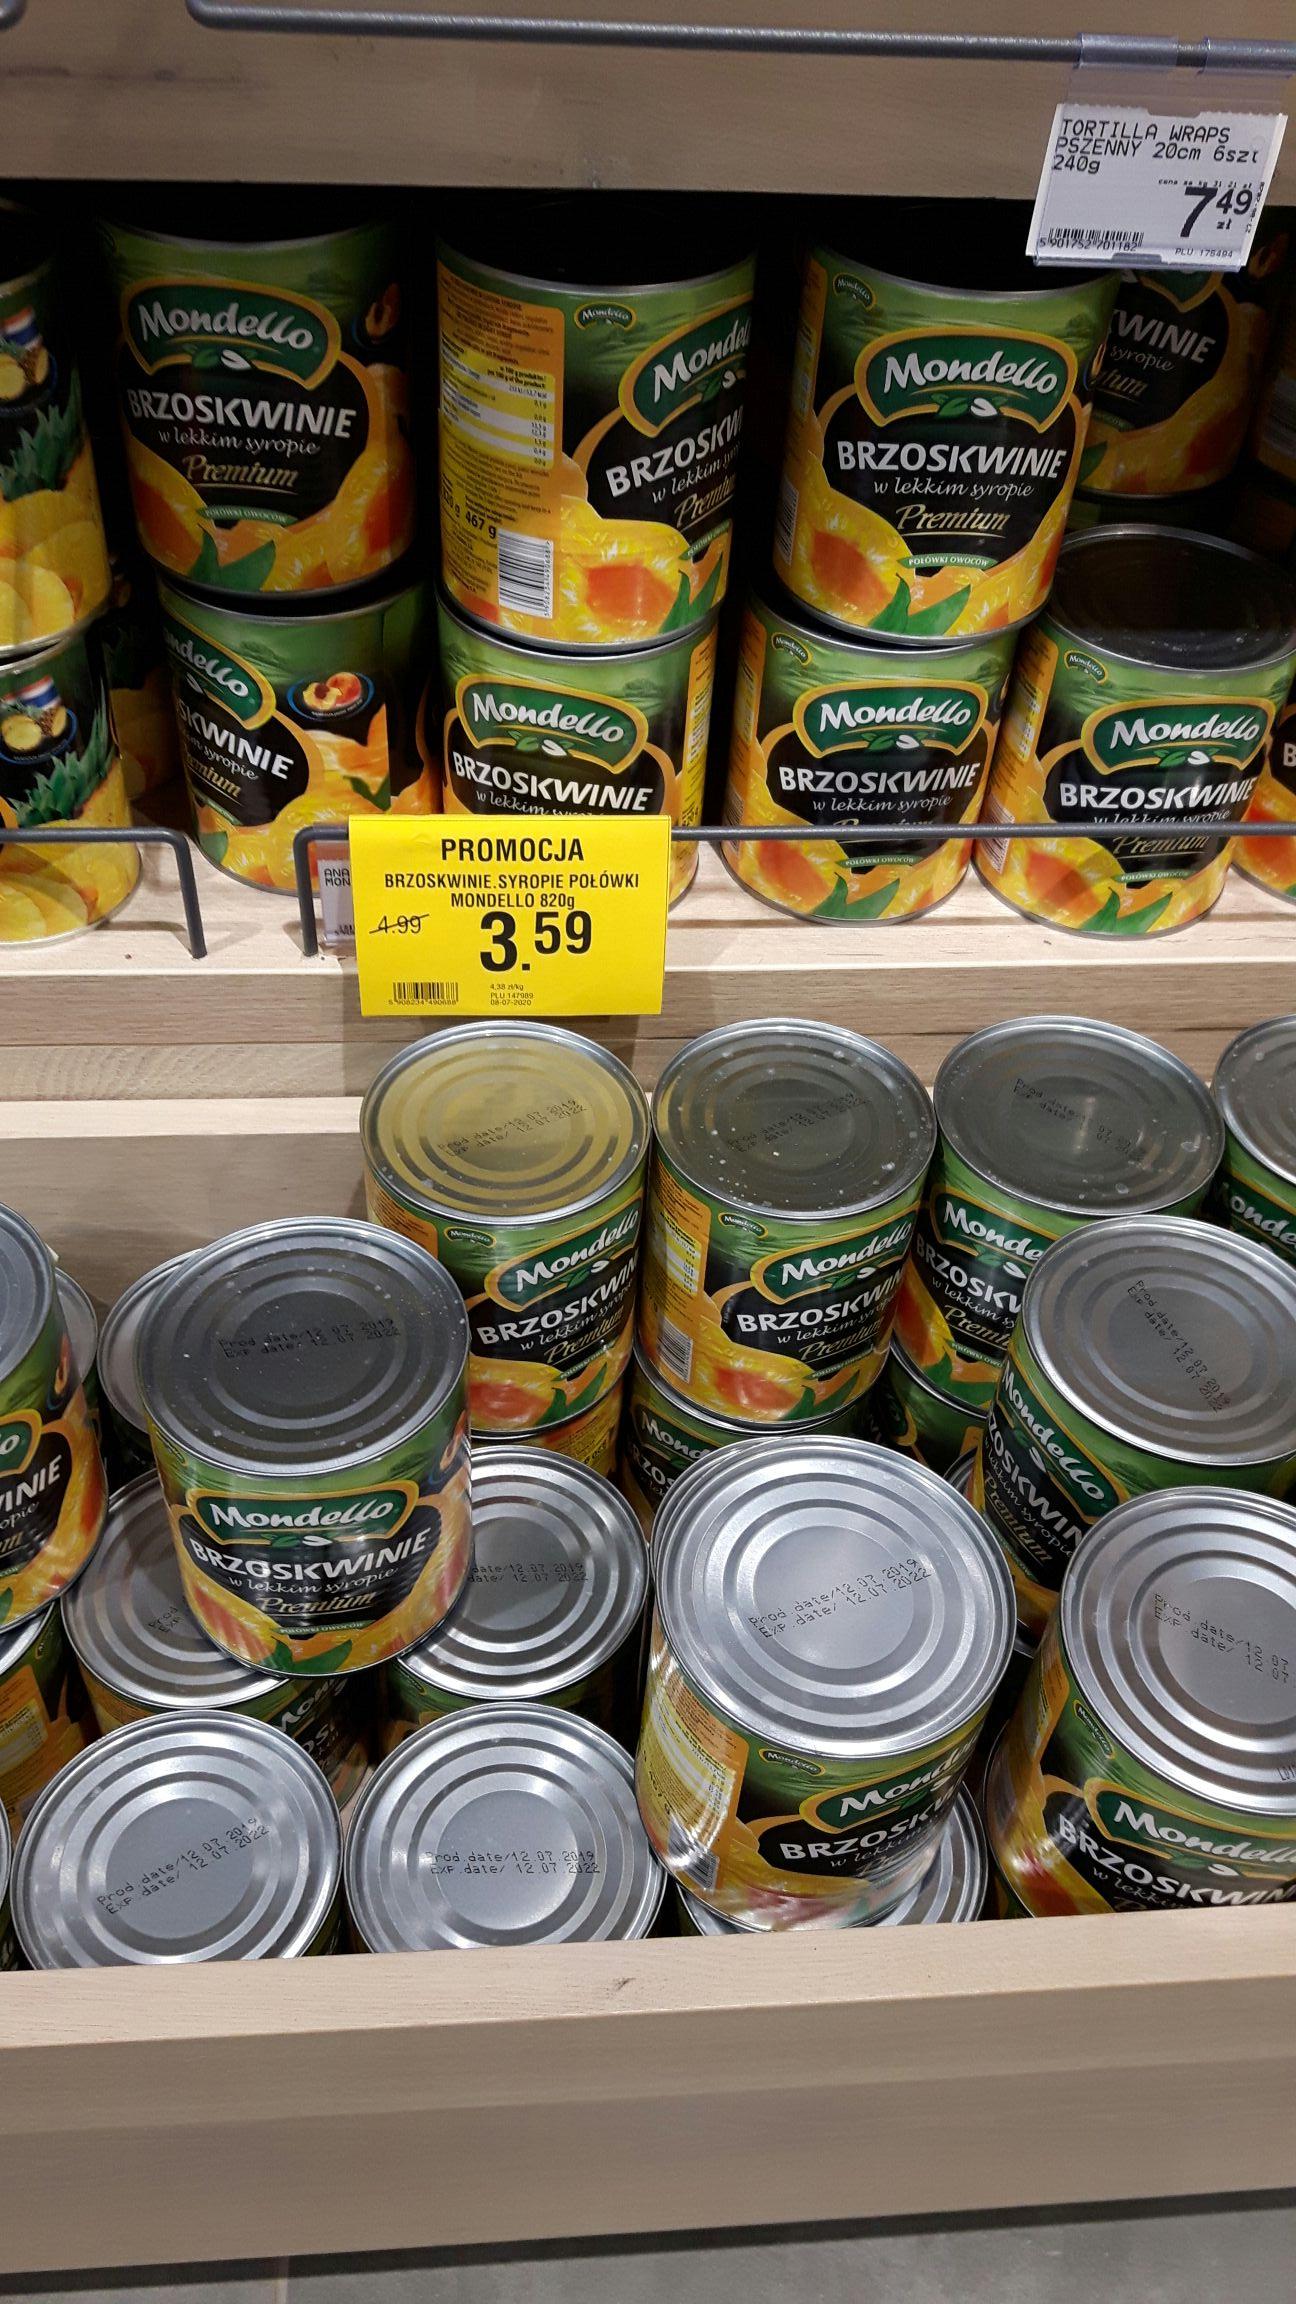 Brzoskwinie w syropie 820g firmy Mondello - Gdańsk, Sklep Merkus